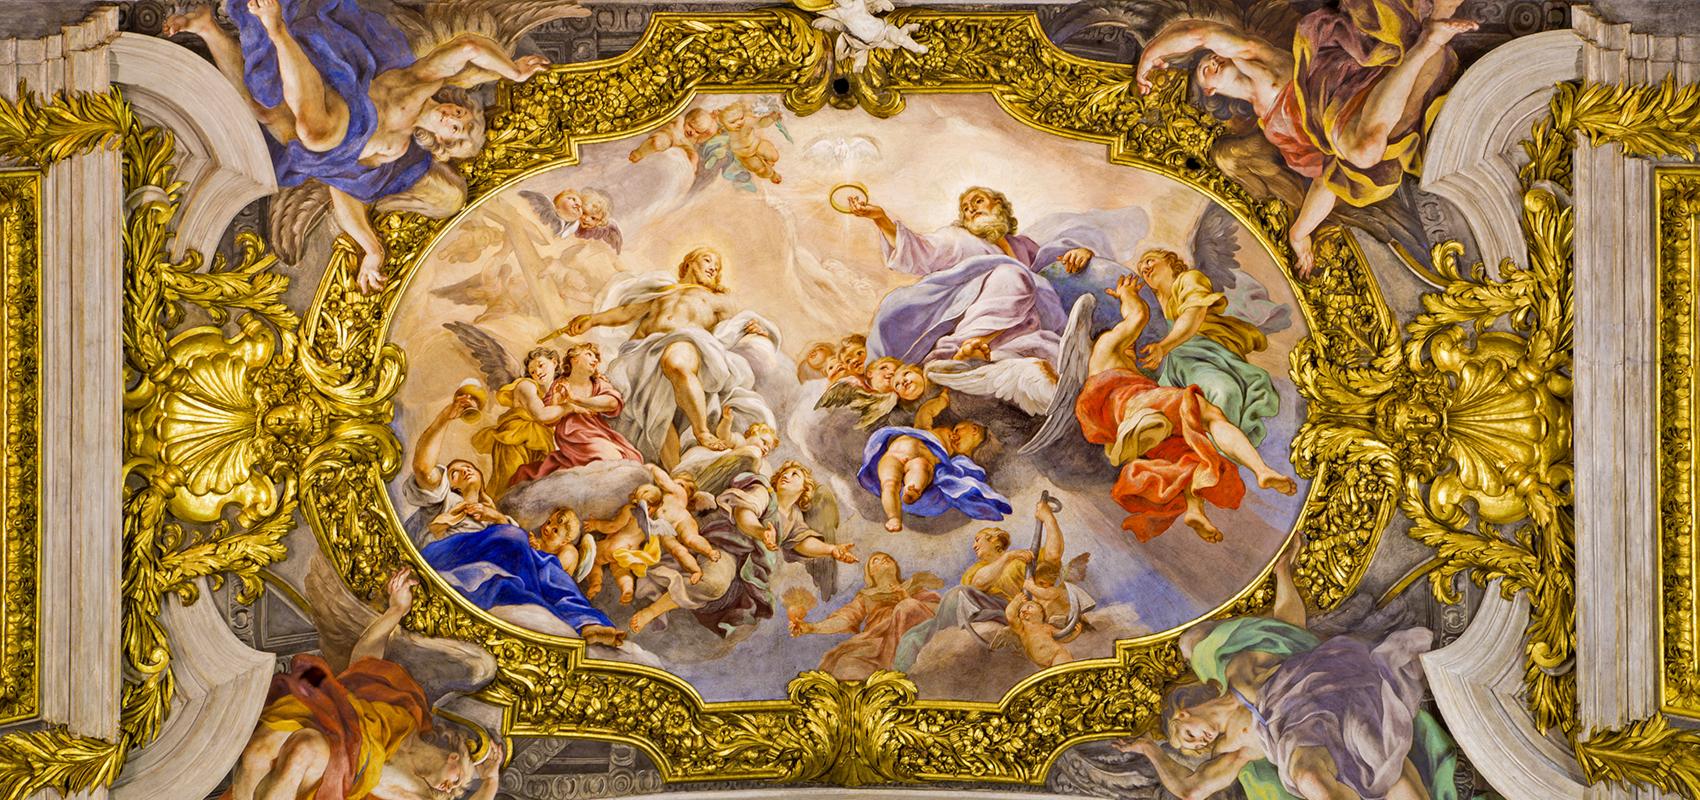 web-gesu-rome-church-renata-sedmakova-shutterstock_275768108